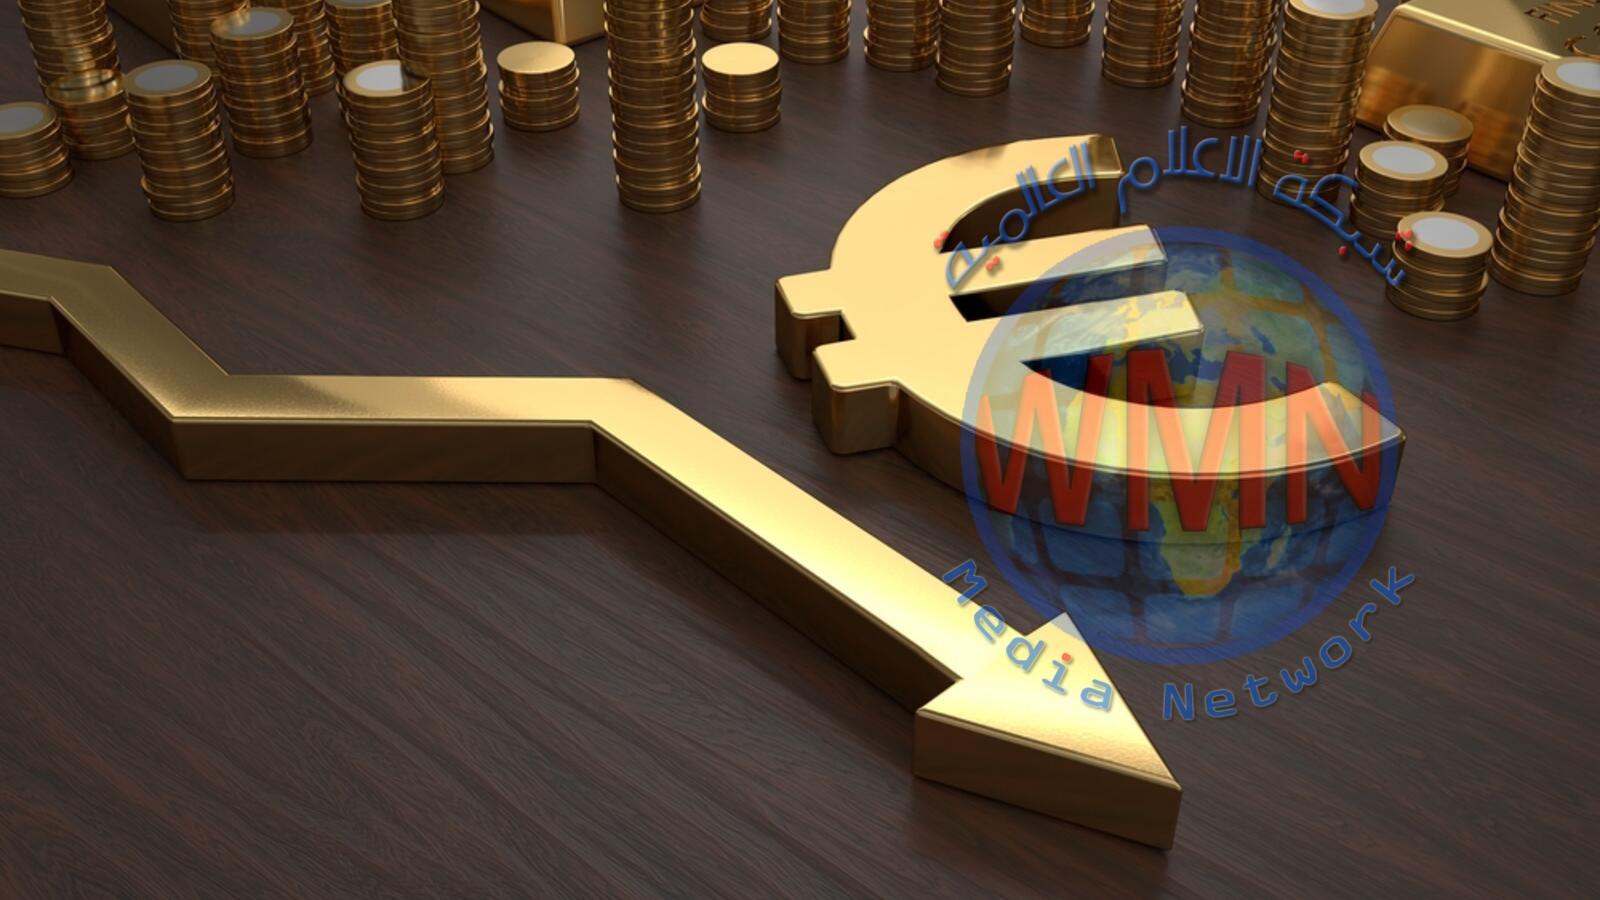 اليورو يتراجع لأدنى مستوى في شهرين مقابل الدولار